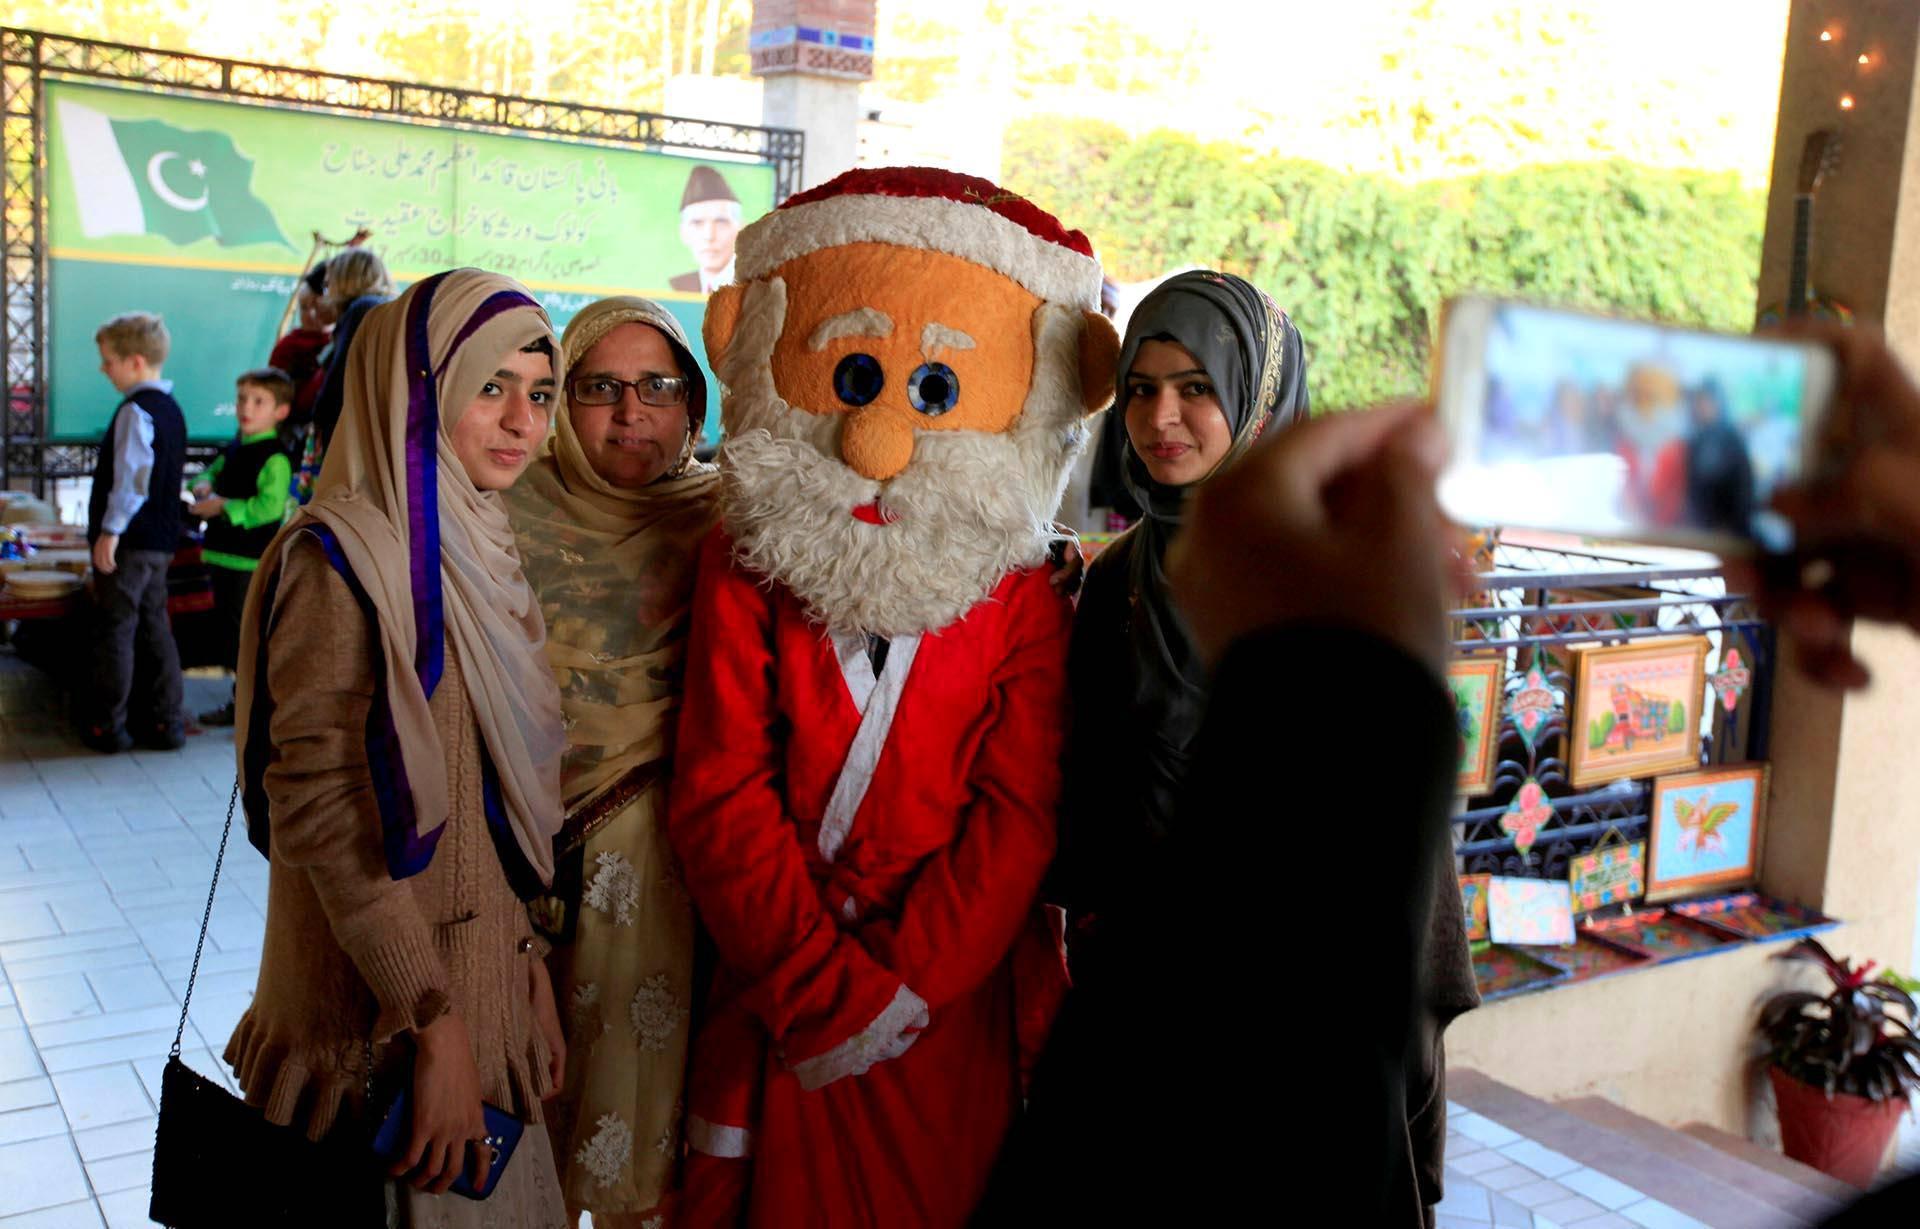 Pakistanin Islamabadissa naiset halusivat yhteiskuvaan joulupukin kanssa.